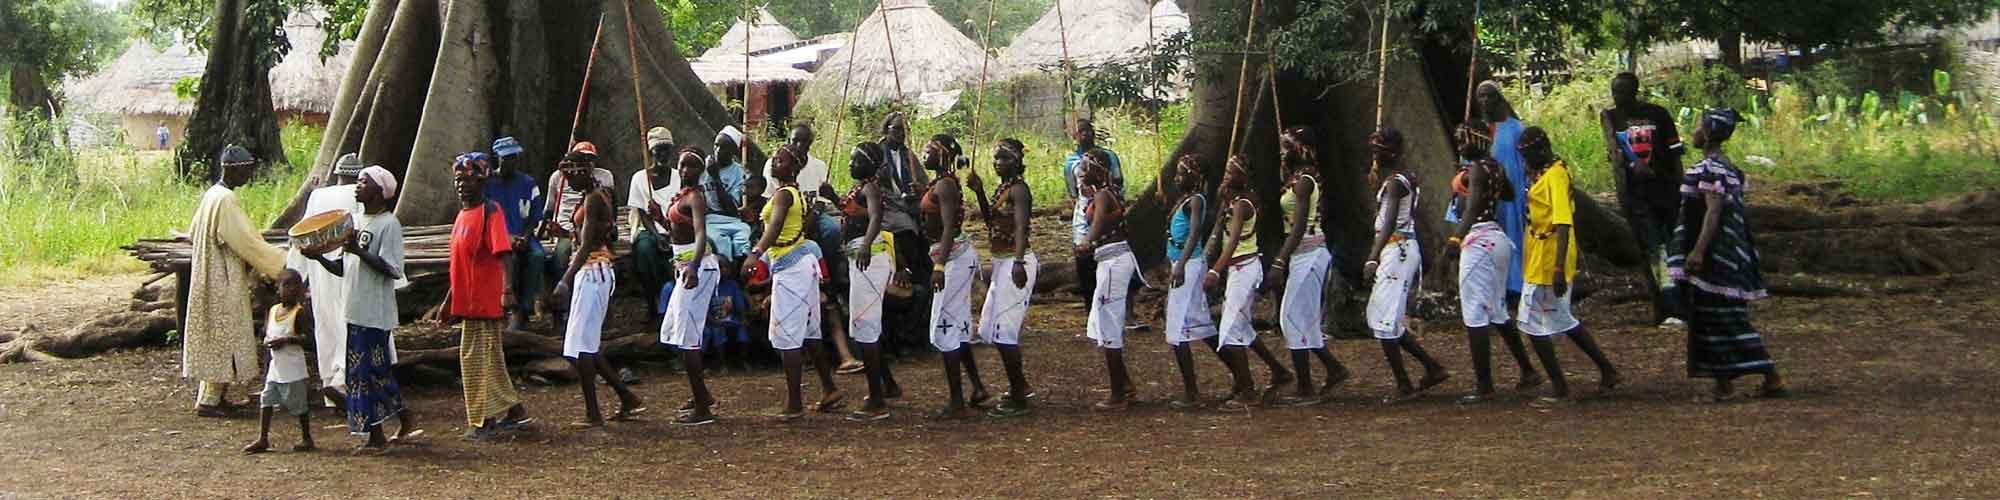 Senegal Humanitario - EL PAÍS Viajes